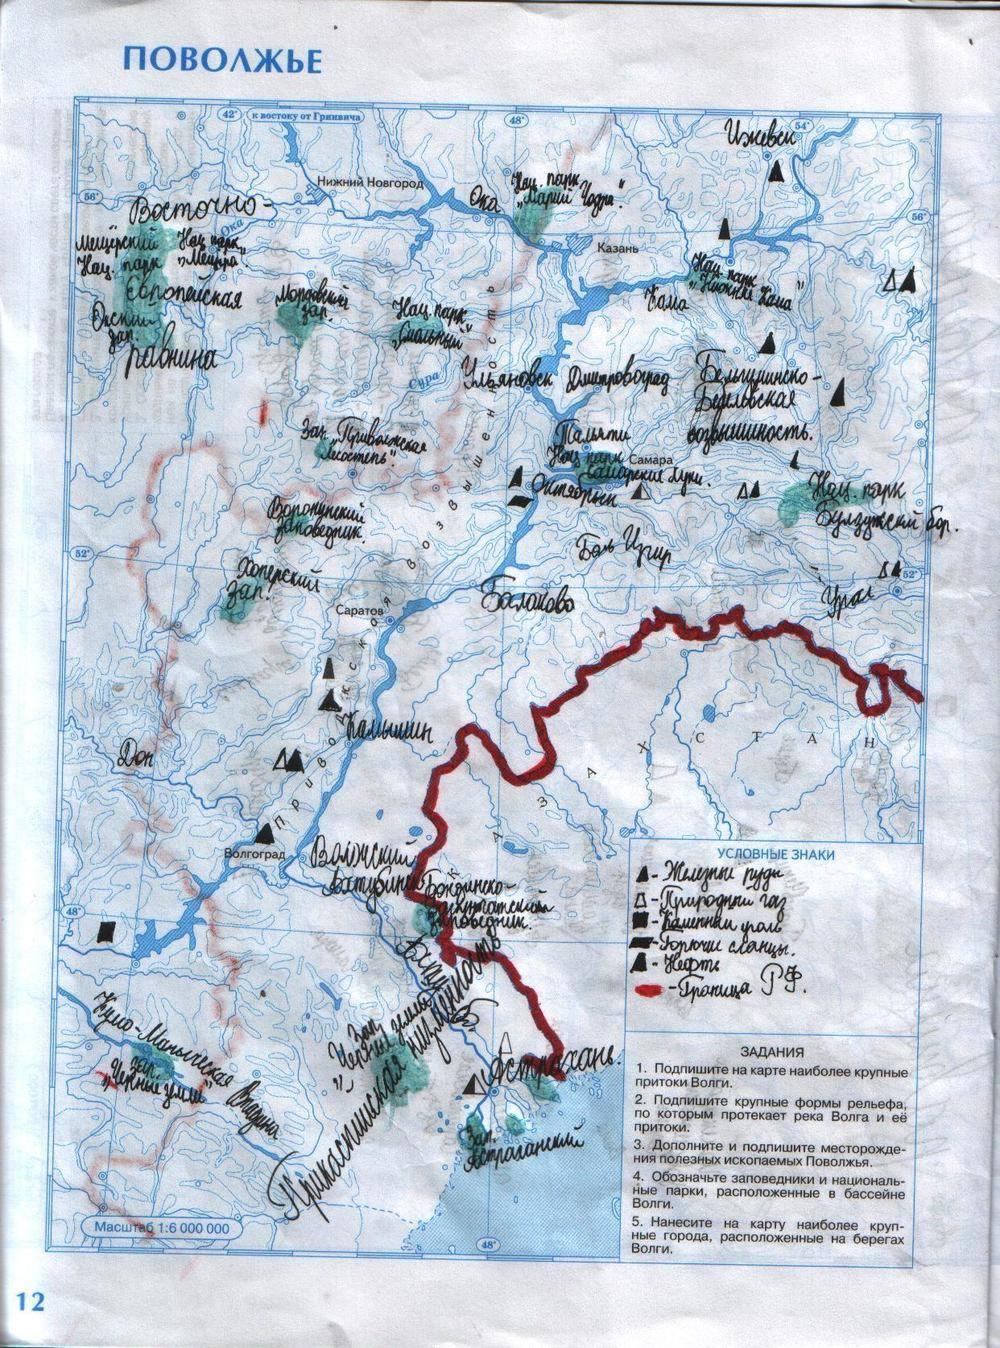 Гдз по географии 8 класс контурные карты курбский